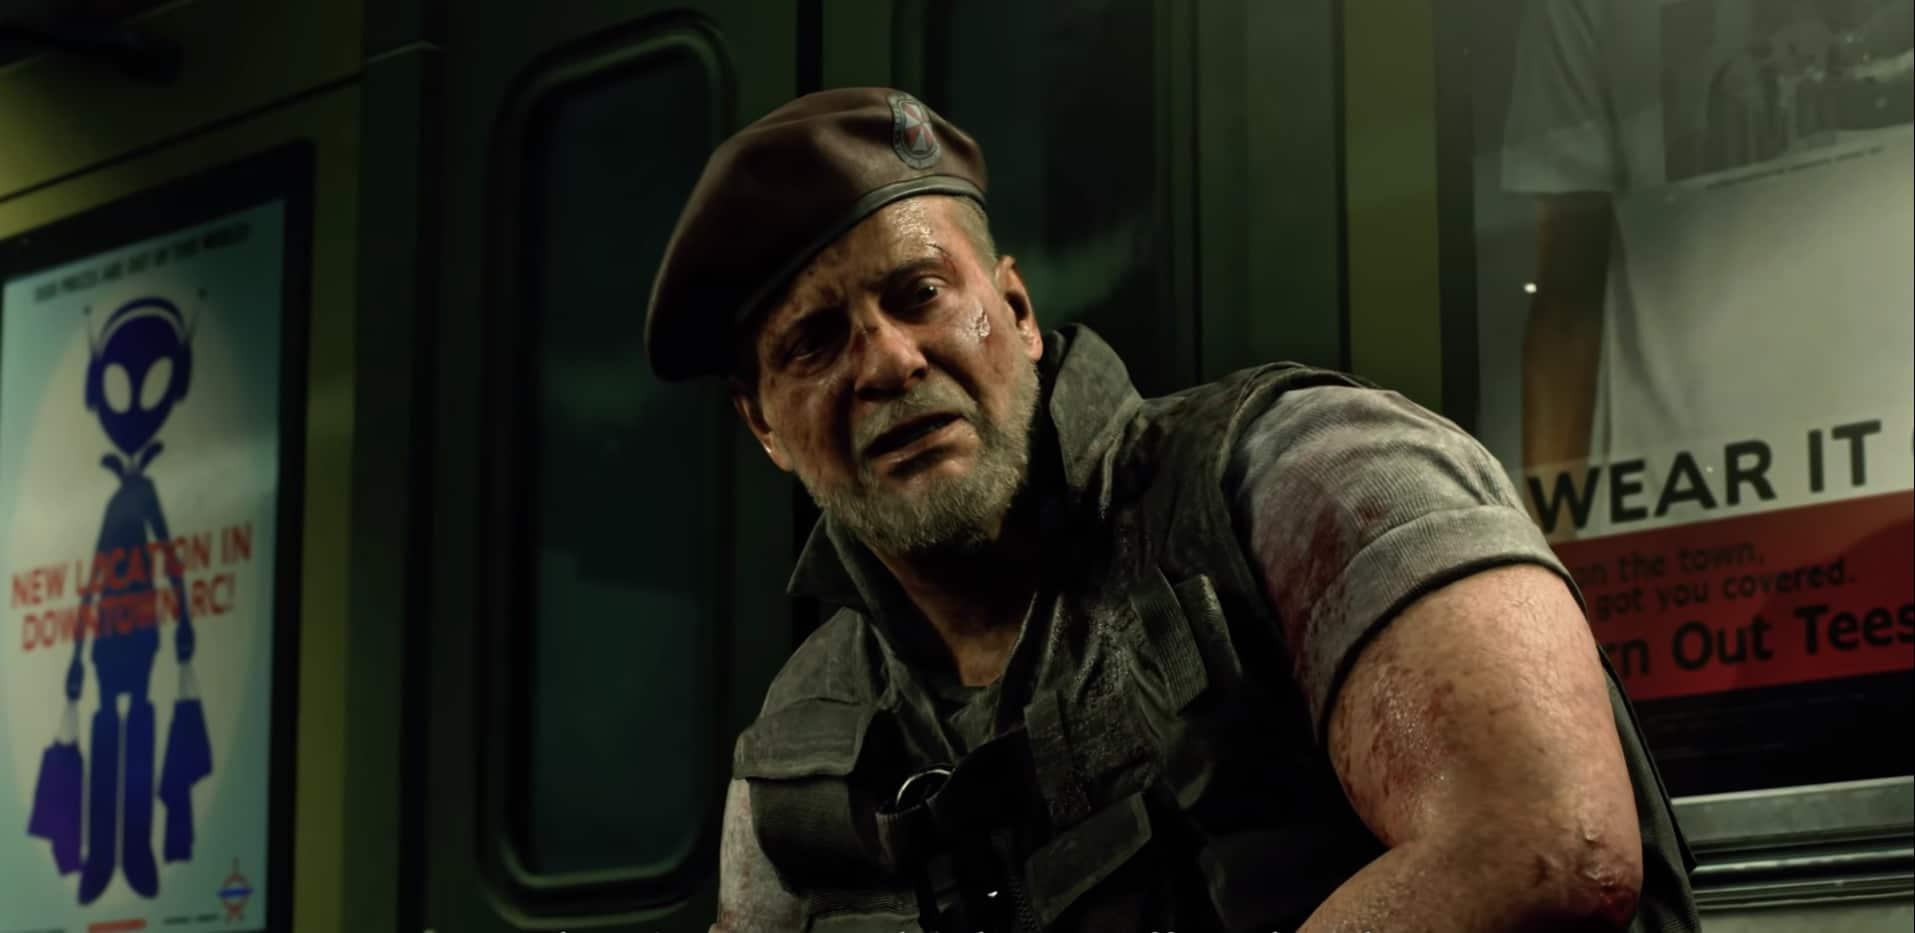 Compare os personagens de Resident Evil 3 Remake com o original 8